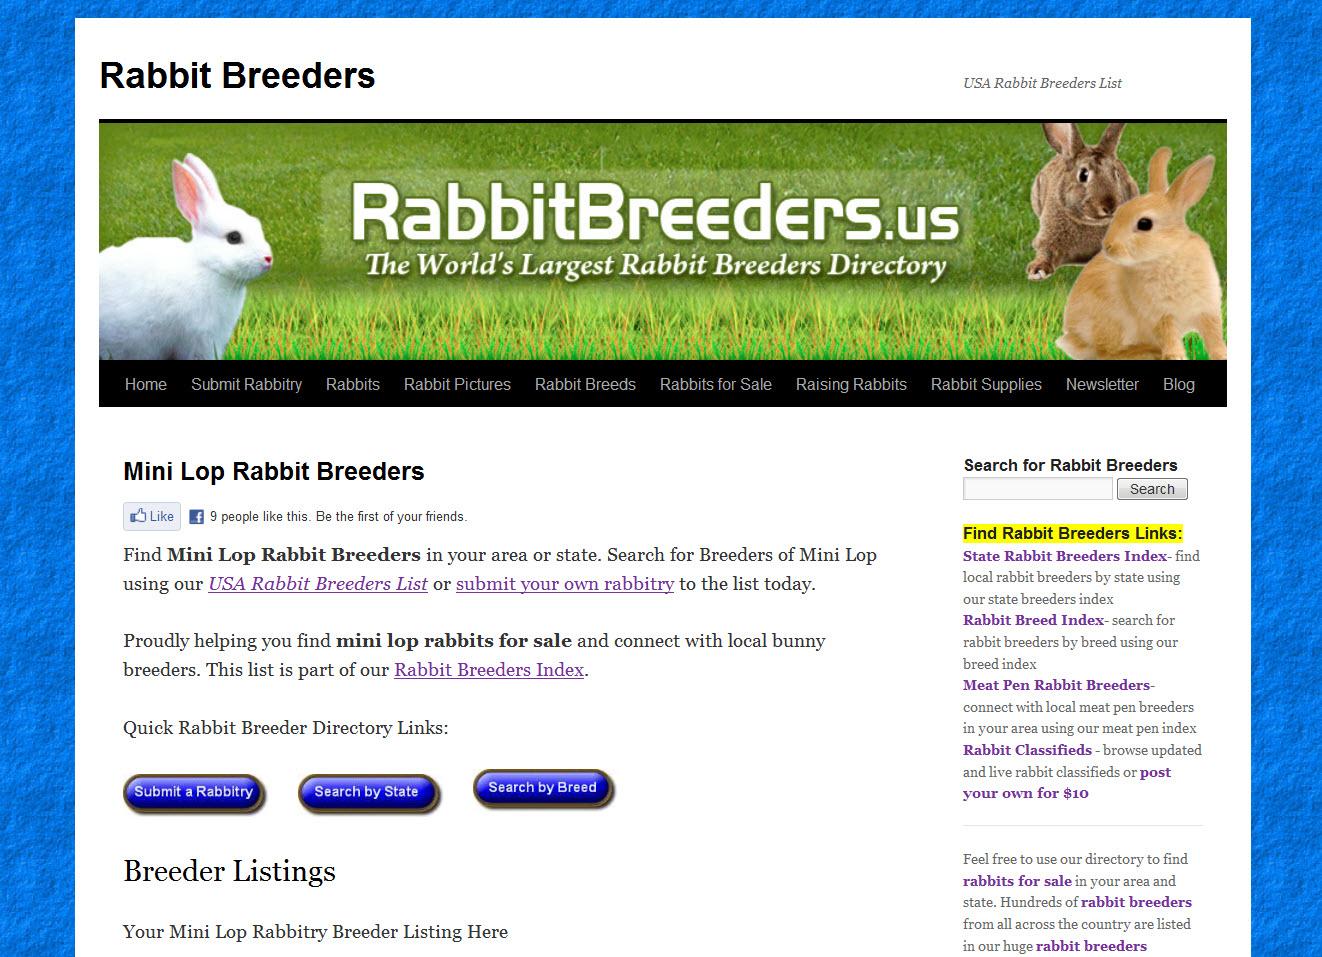 Mini Lop Rabbit Breeders